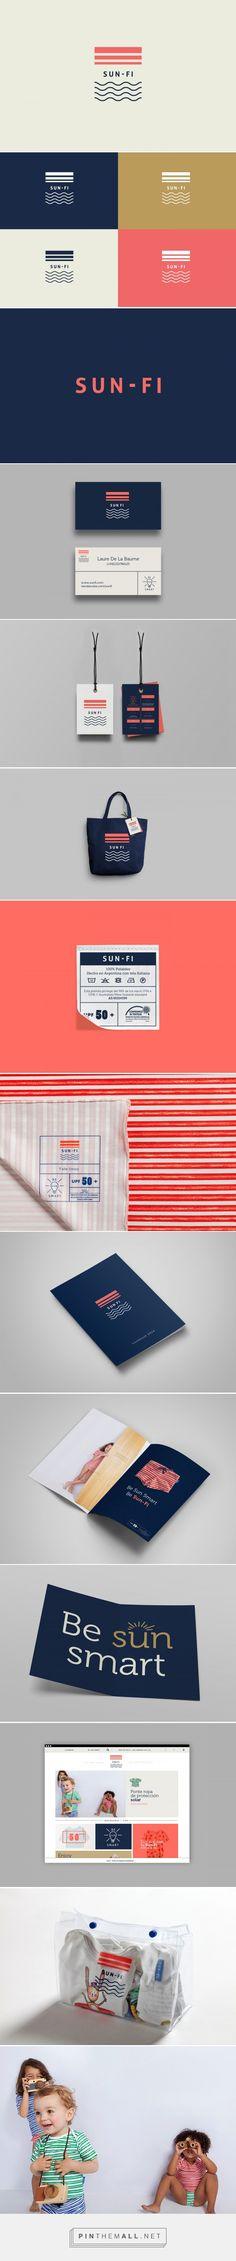 Sun-Fi Branding by Bunker3022 on Behance | Fivestar Branding – Design and…